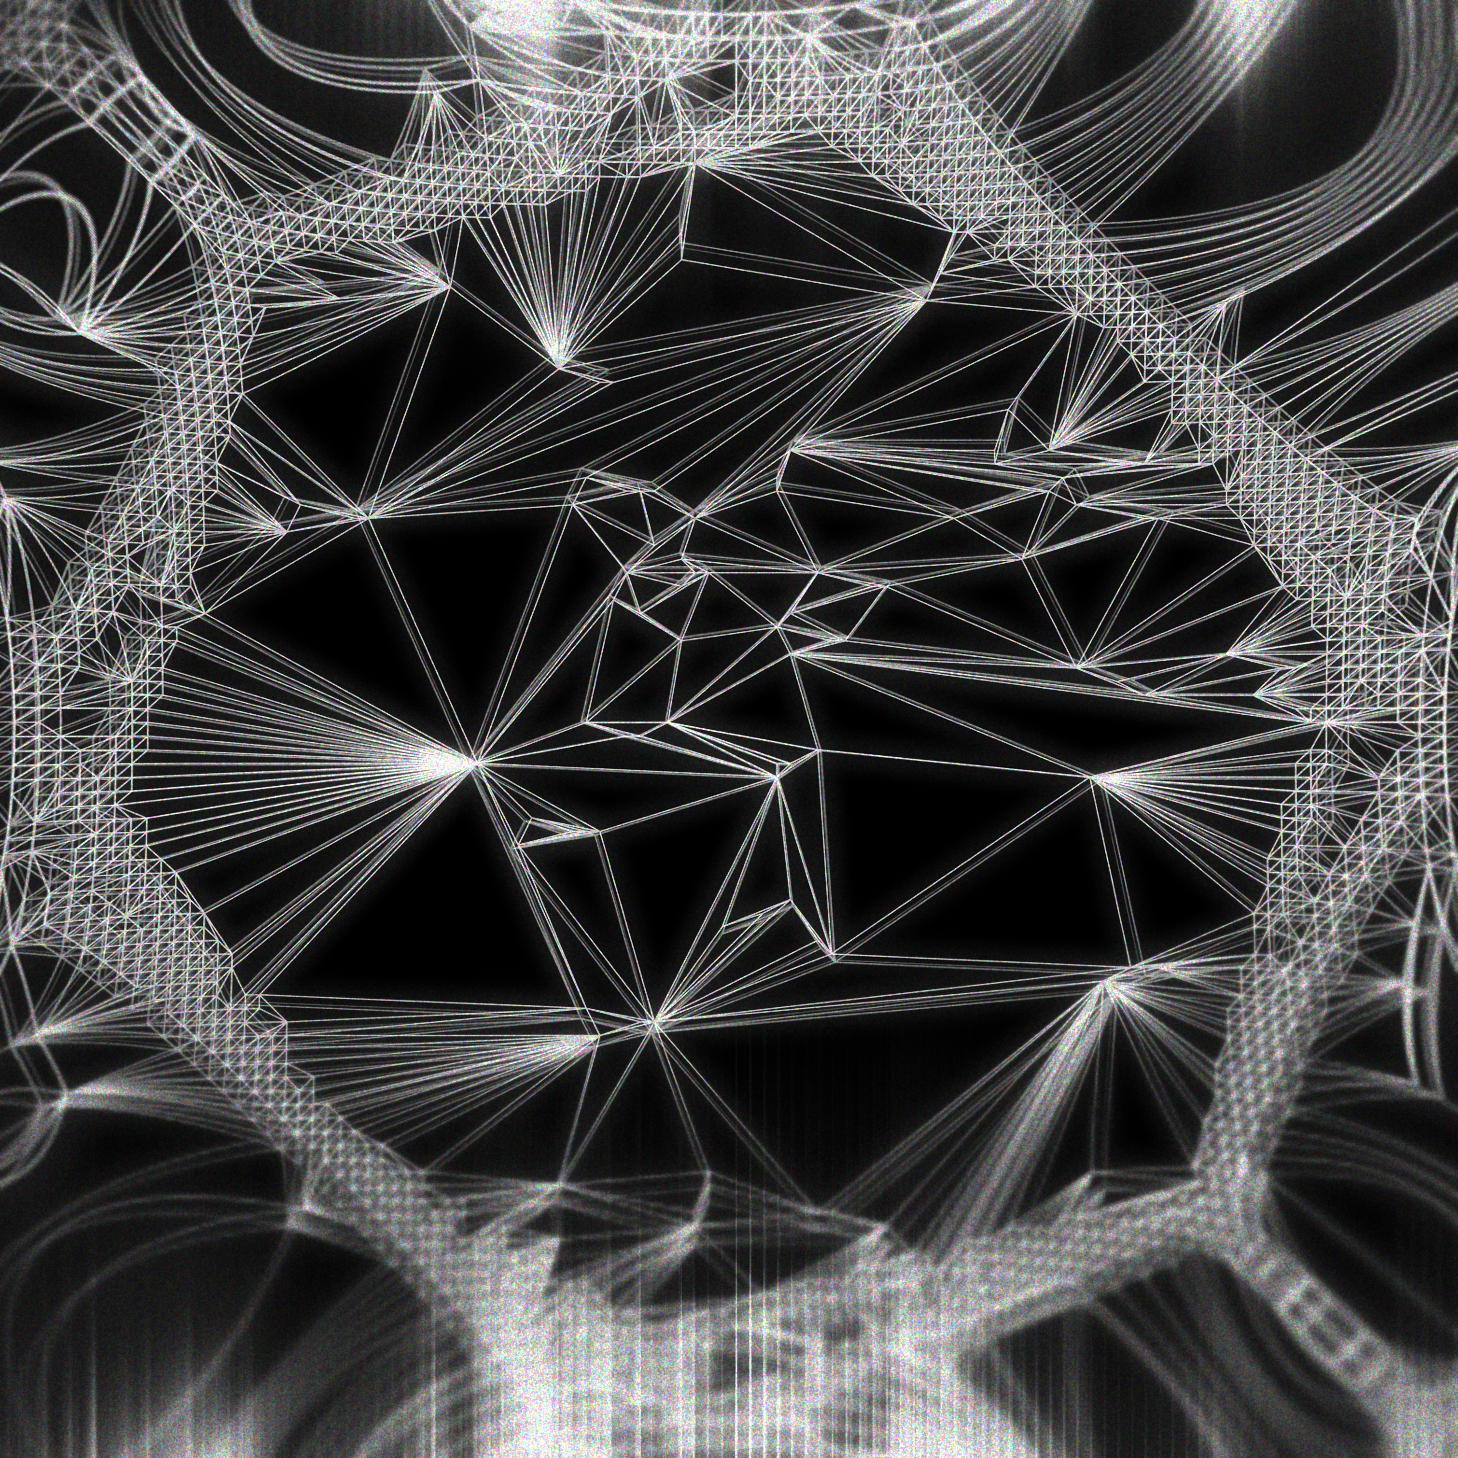 pochetteC4D array2 out2 grainfix by jodroboxes